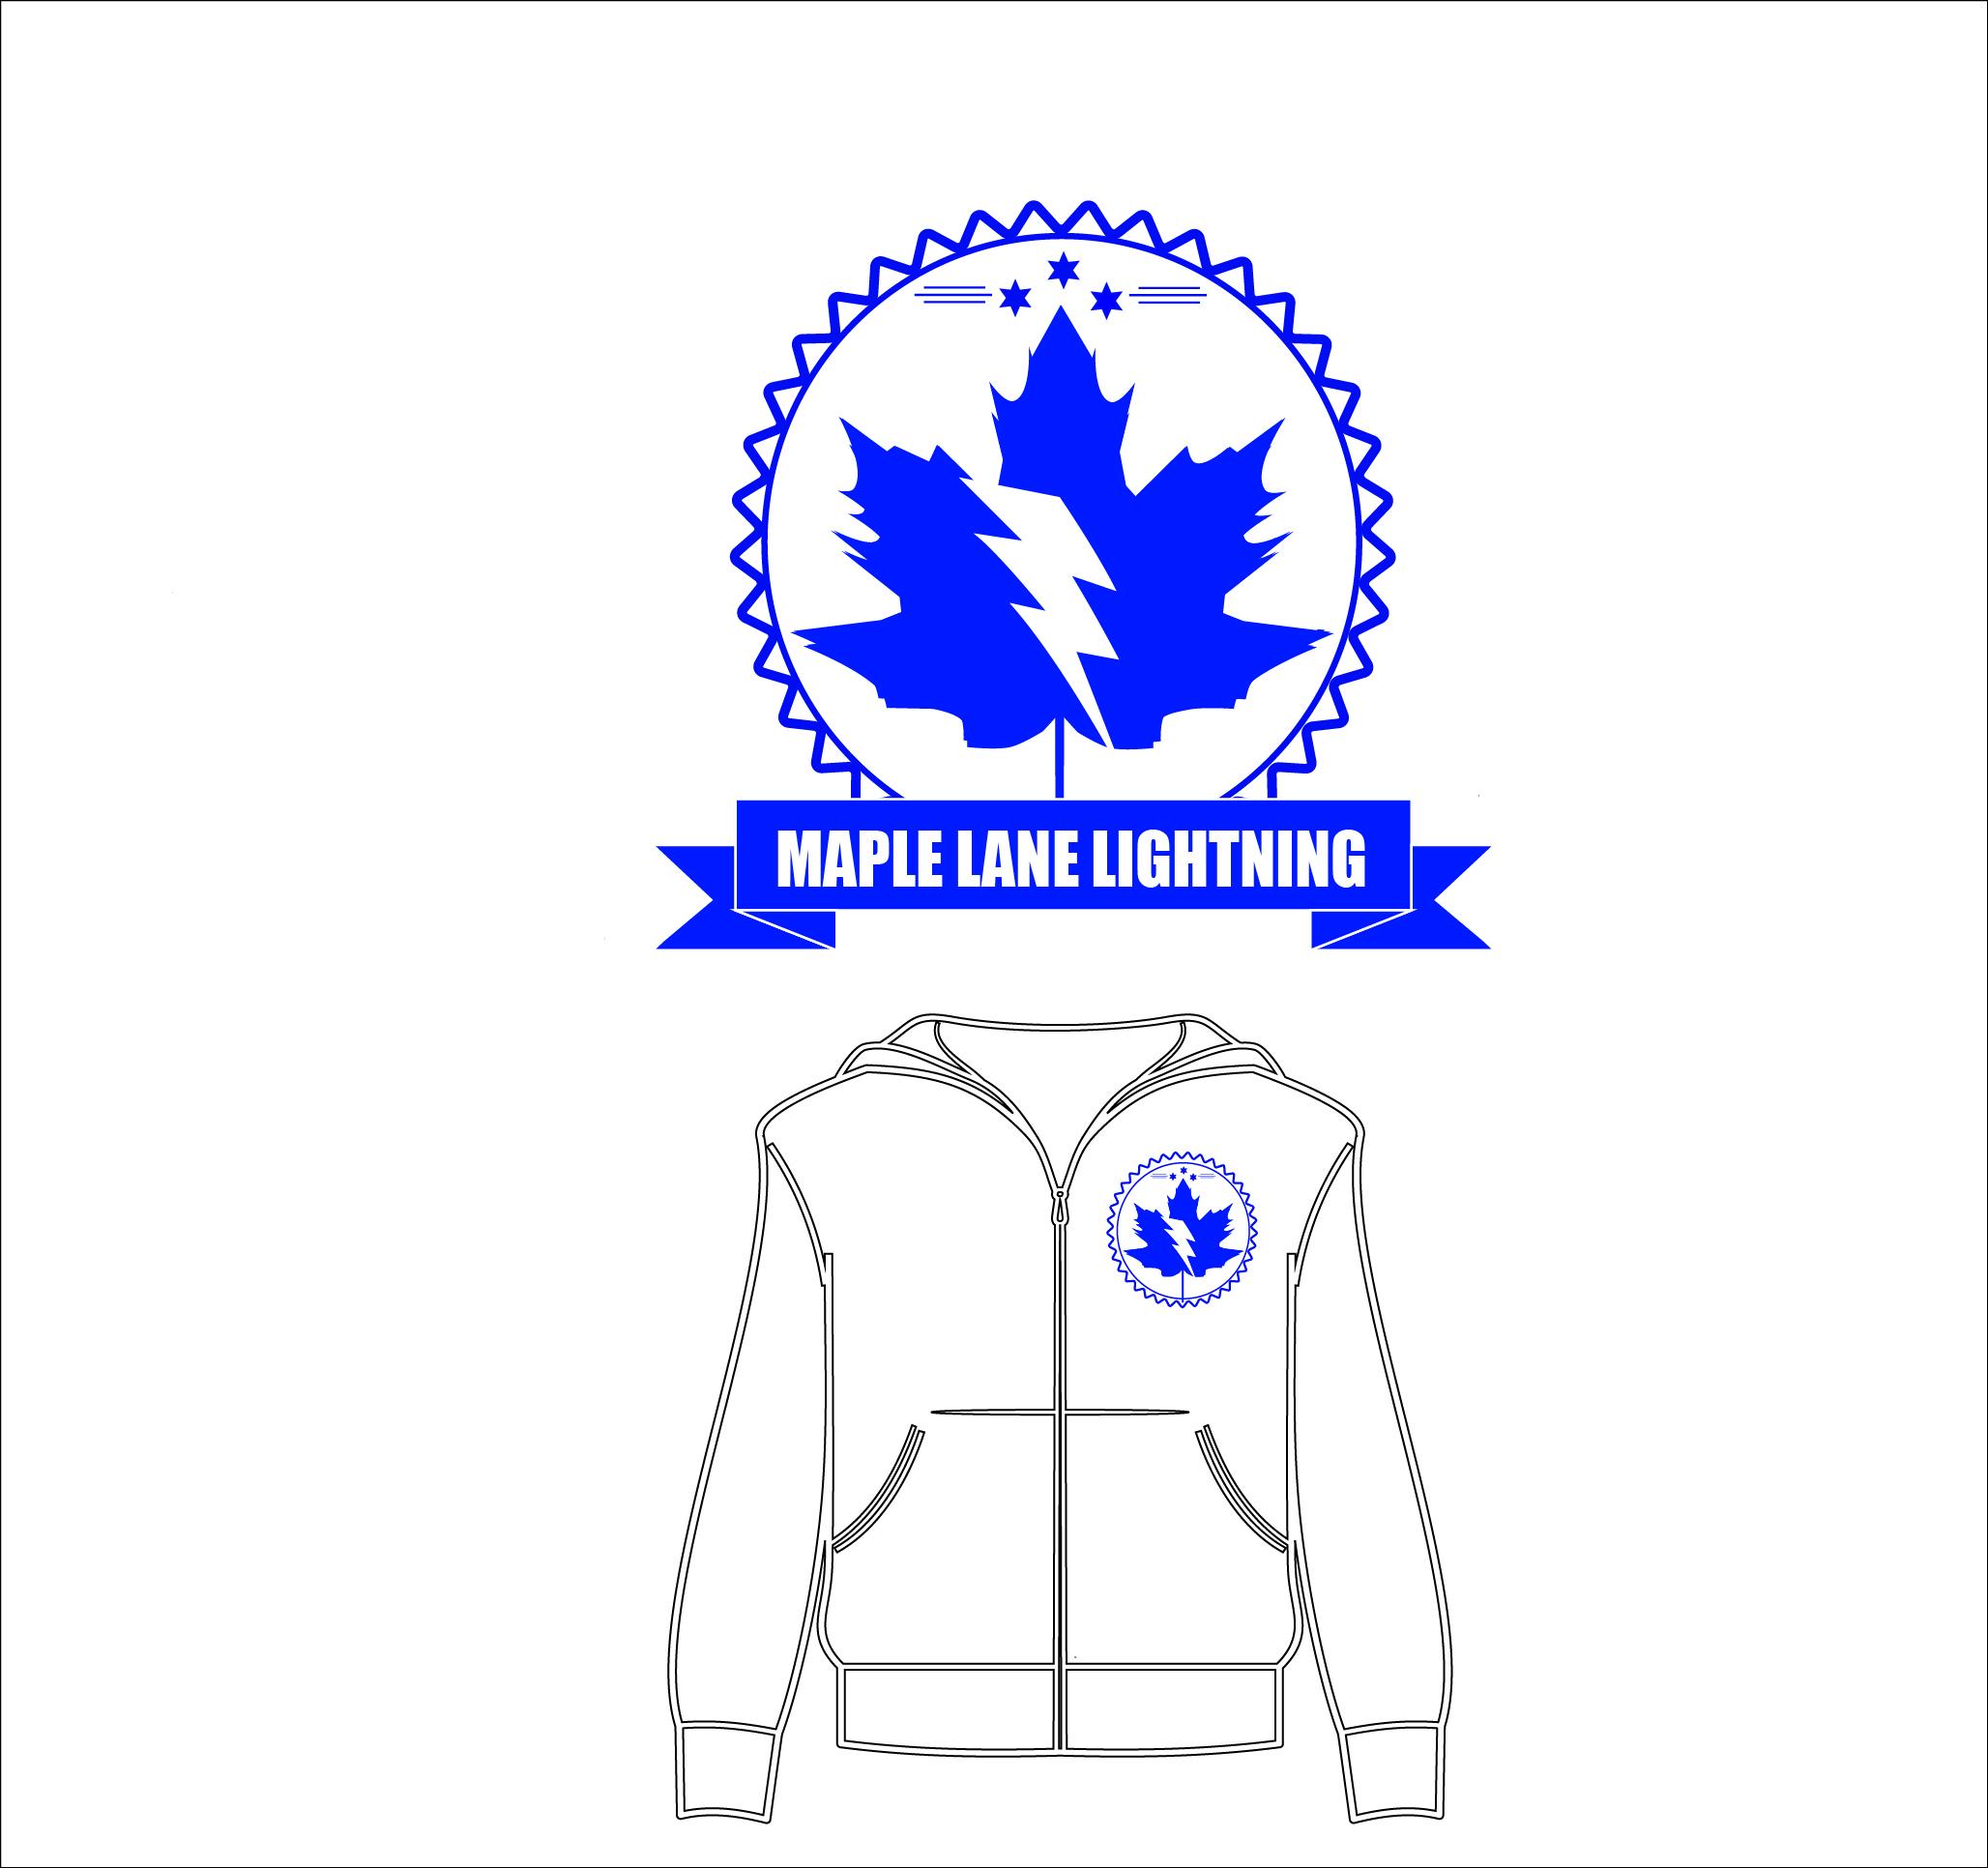 Logo Design by lde05 - Entry No. 114 in the Logo Design Contest Maple Lane Logo Design.